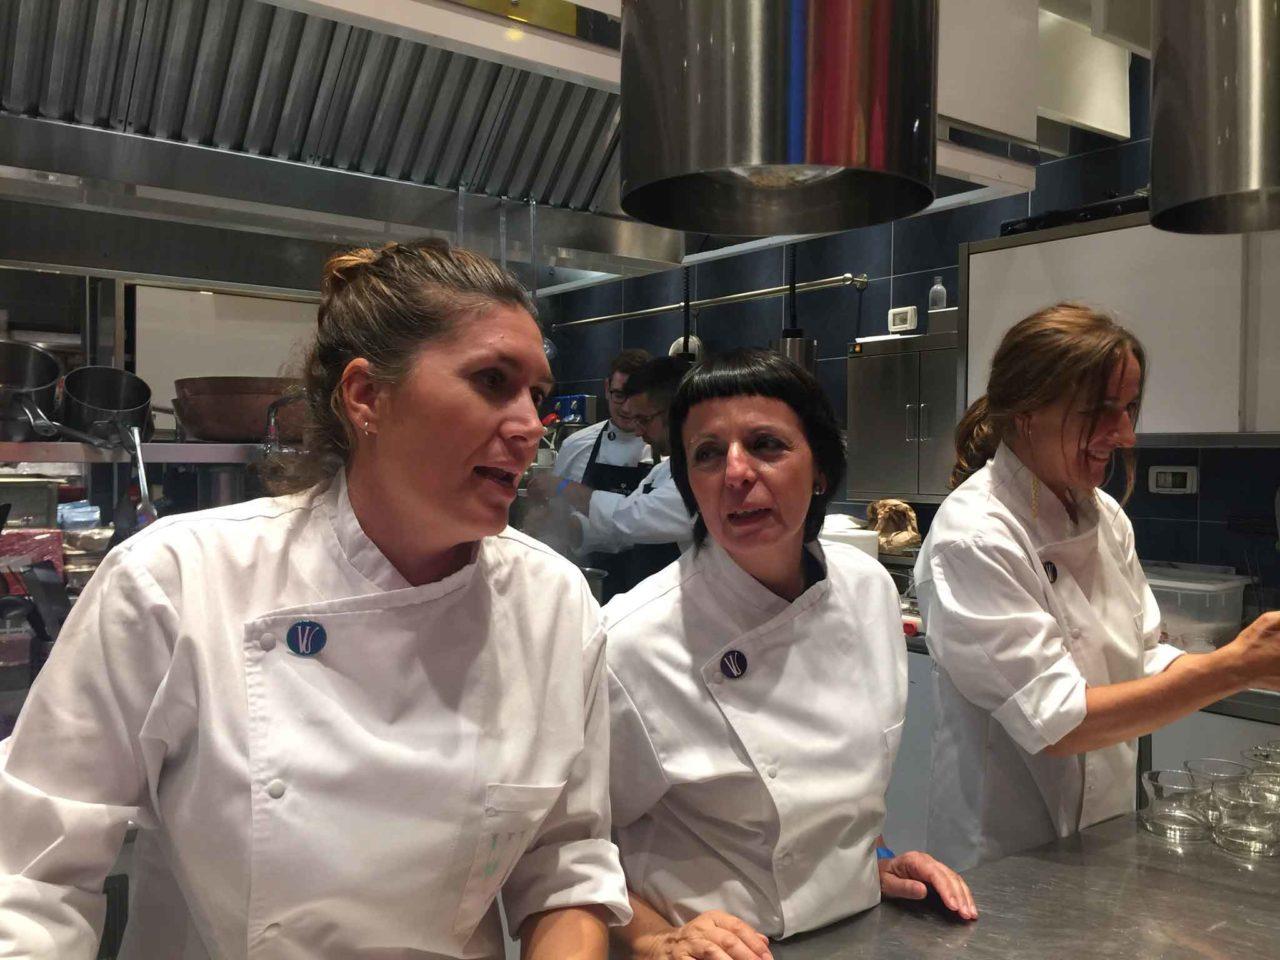 ristorante ViVa Viviana Varese le chef Maca De castro fina Puigdevall maria solivellas